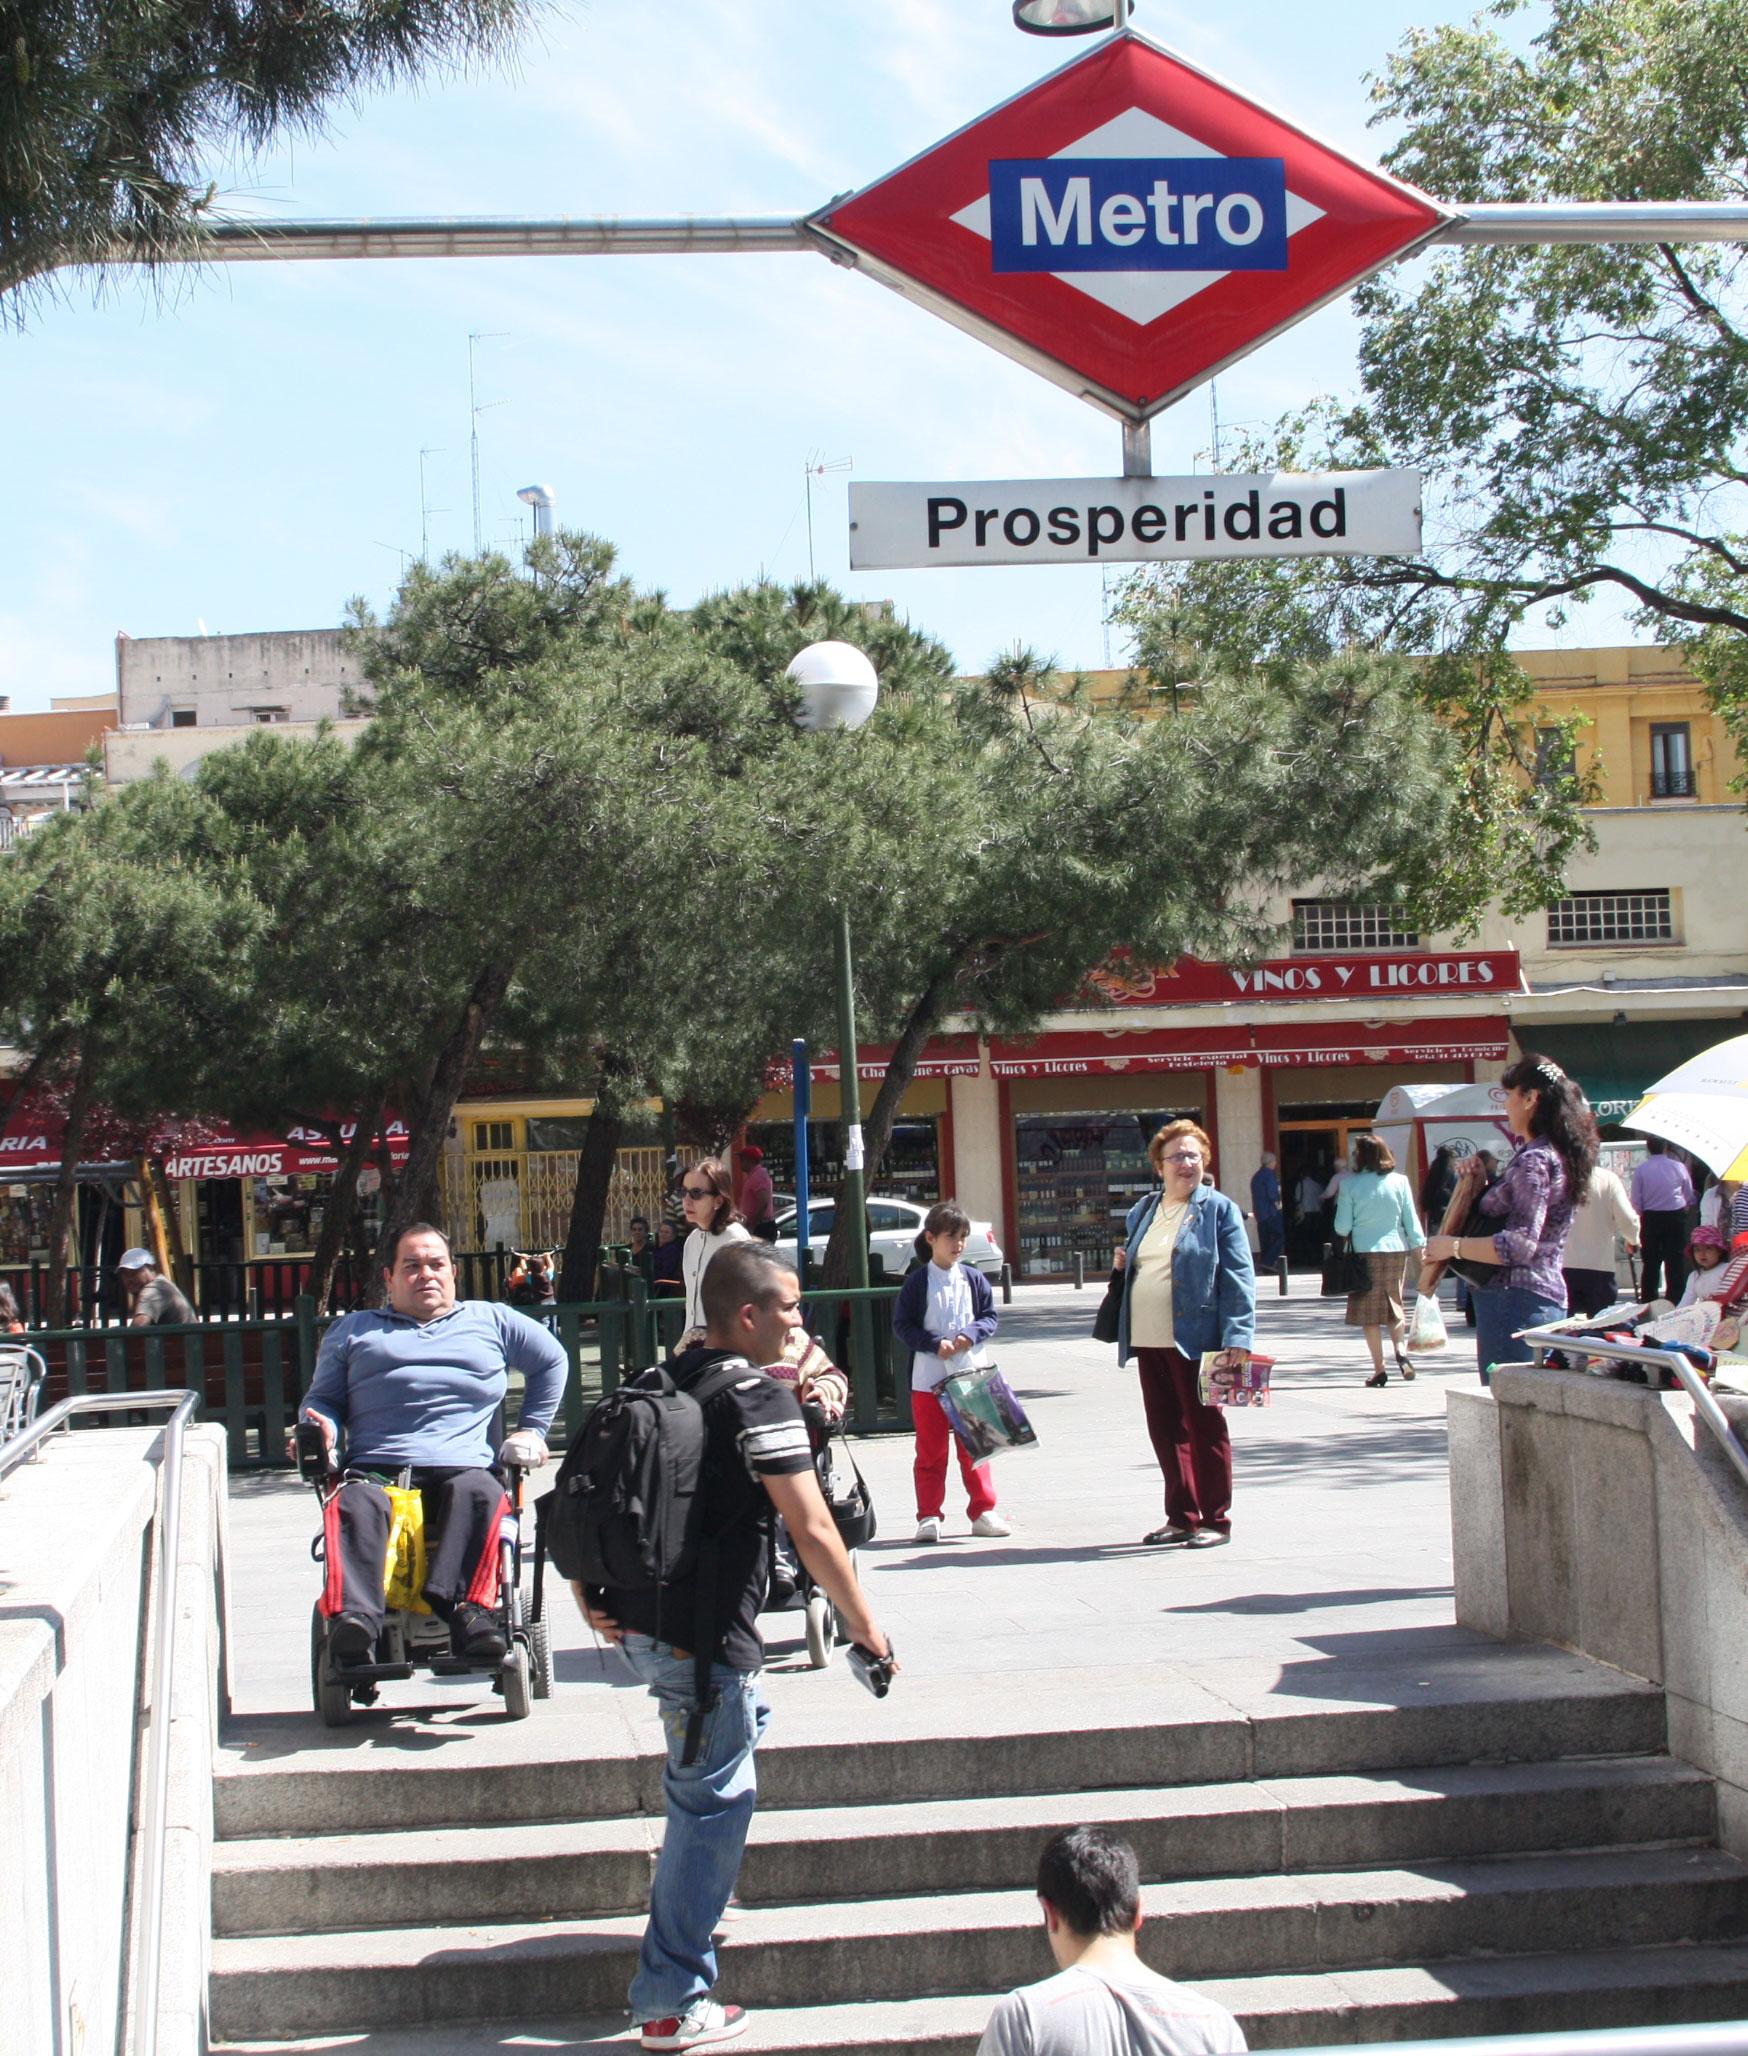 Falta de accesibilidad en el acceso a una estación de metro